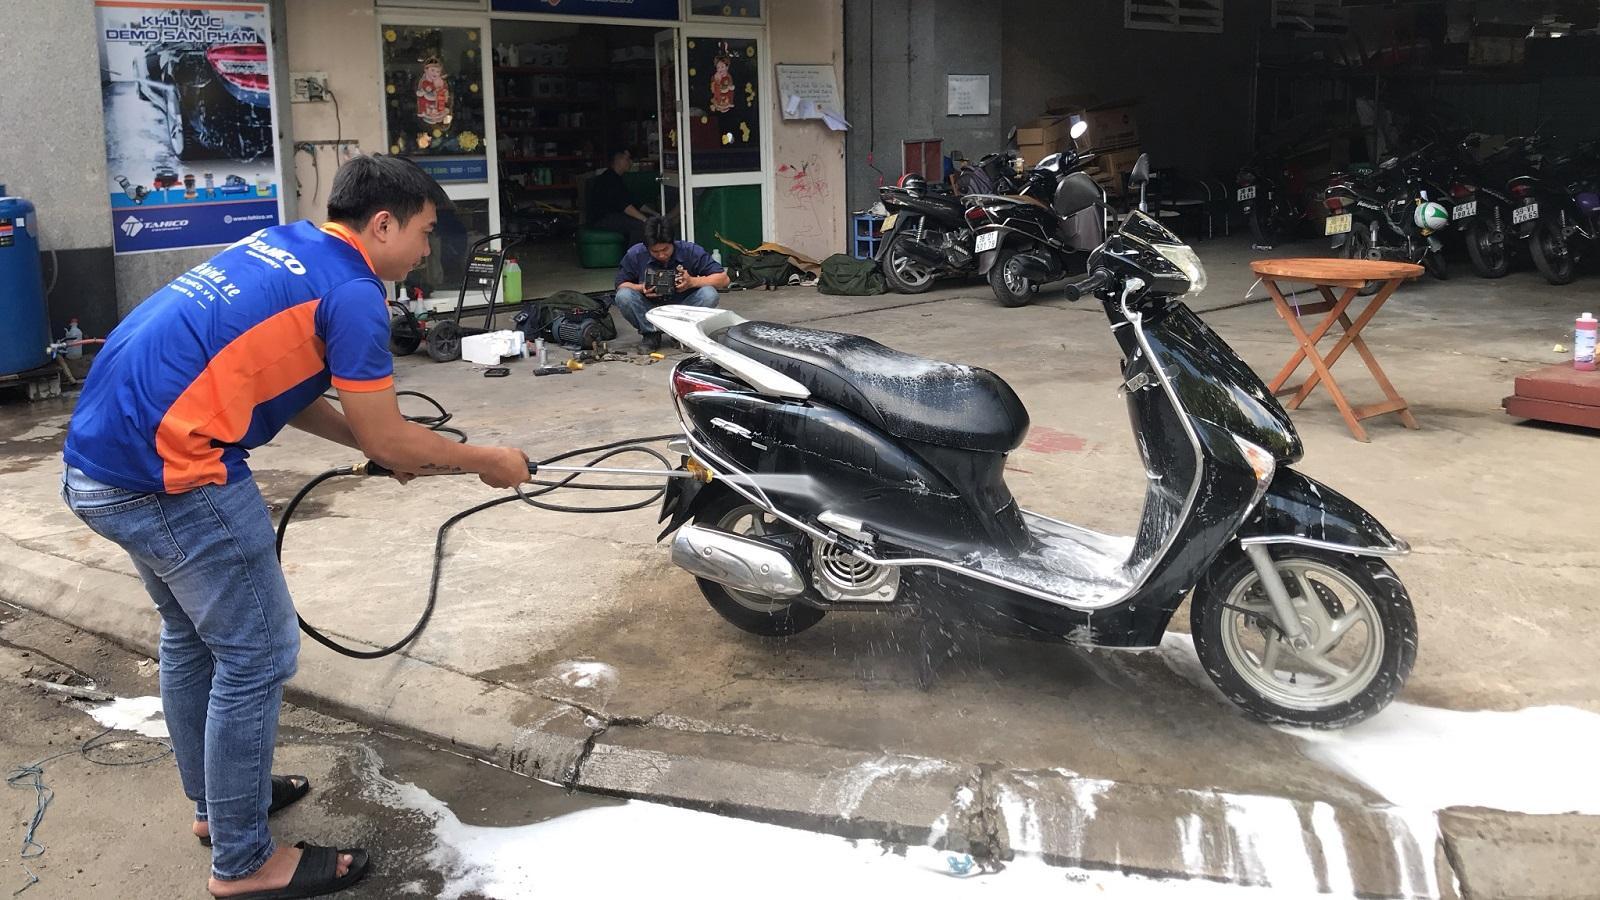 Rửa xe máy khi động cơ còn nóng nên hay không? Ảnh 1